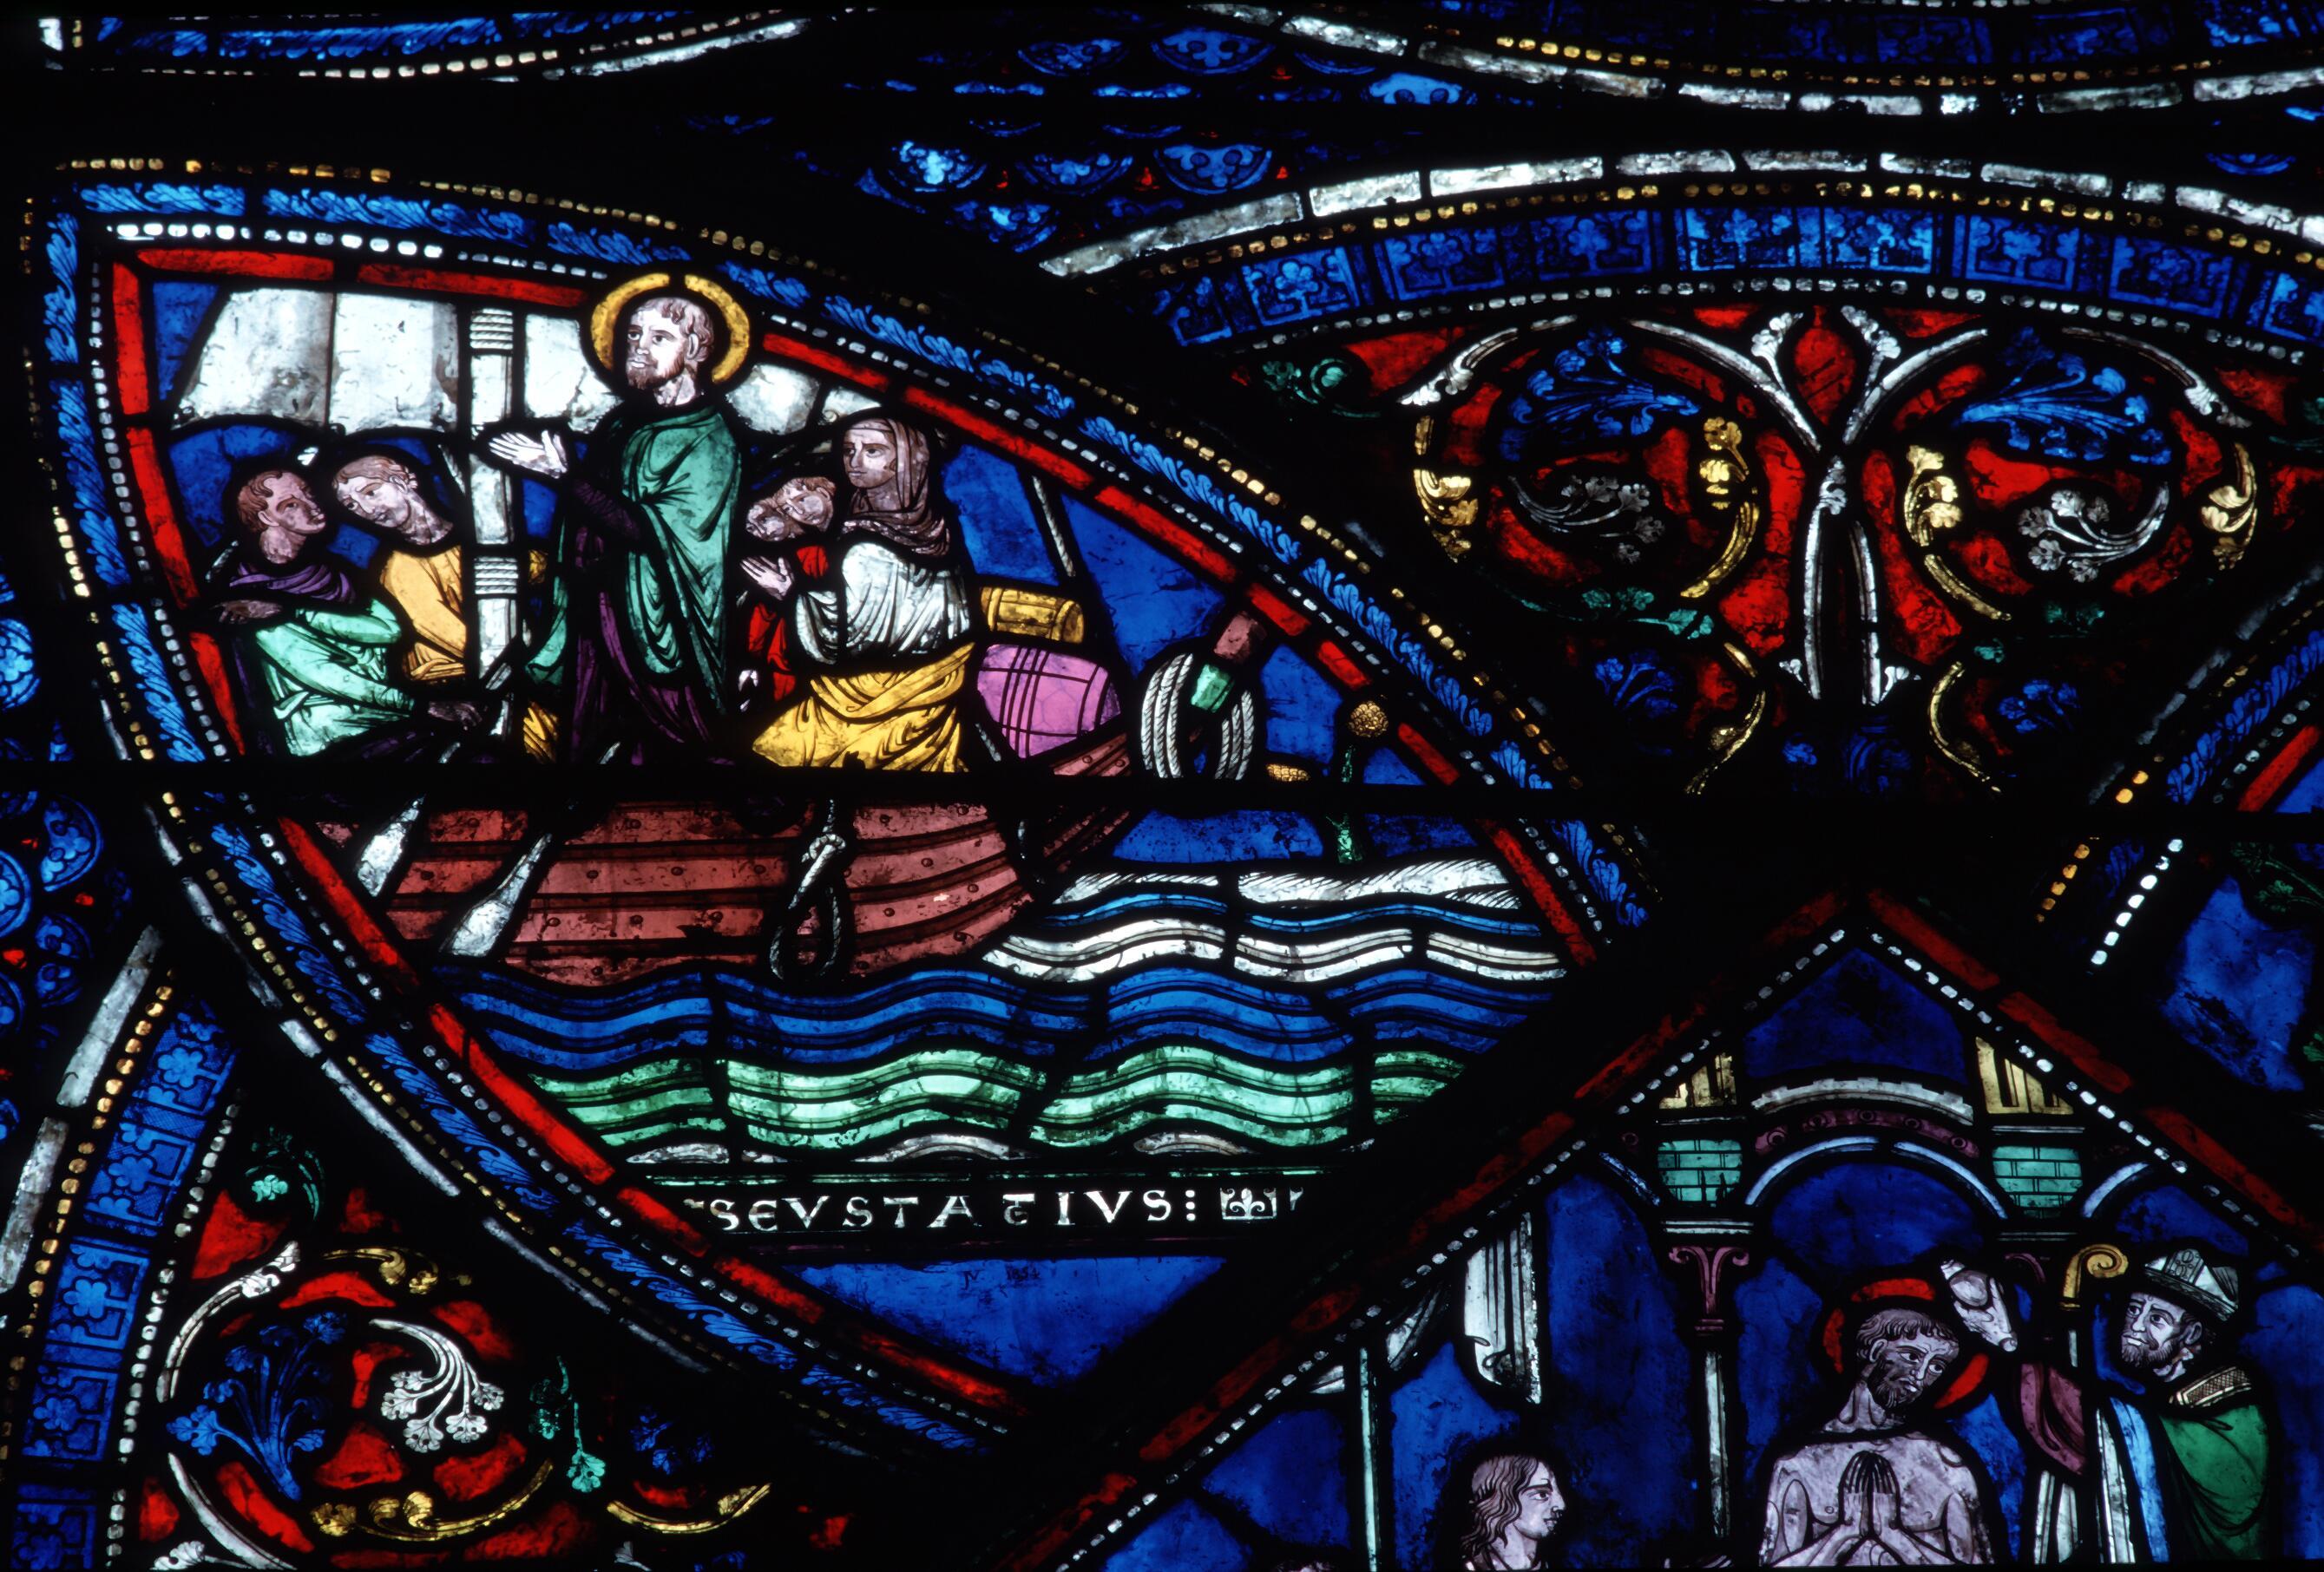 St eustache for Domon saint eustache